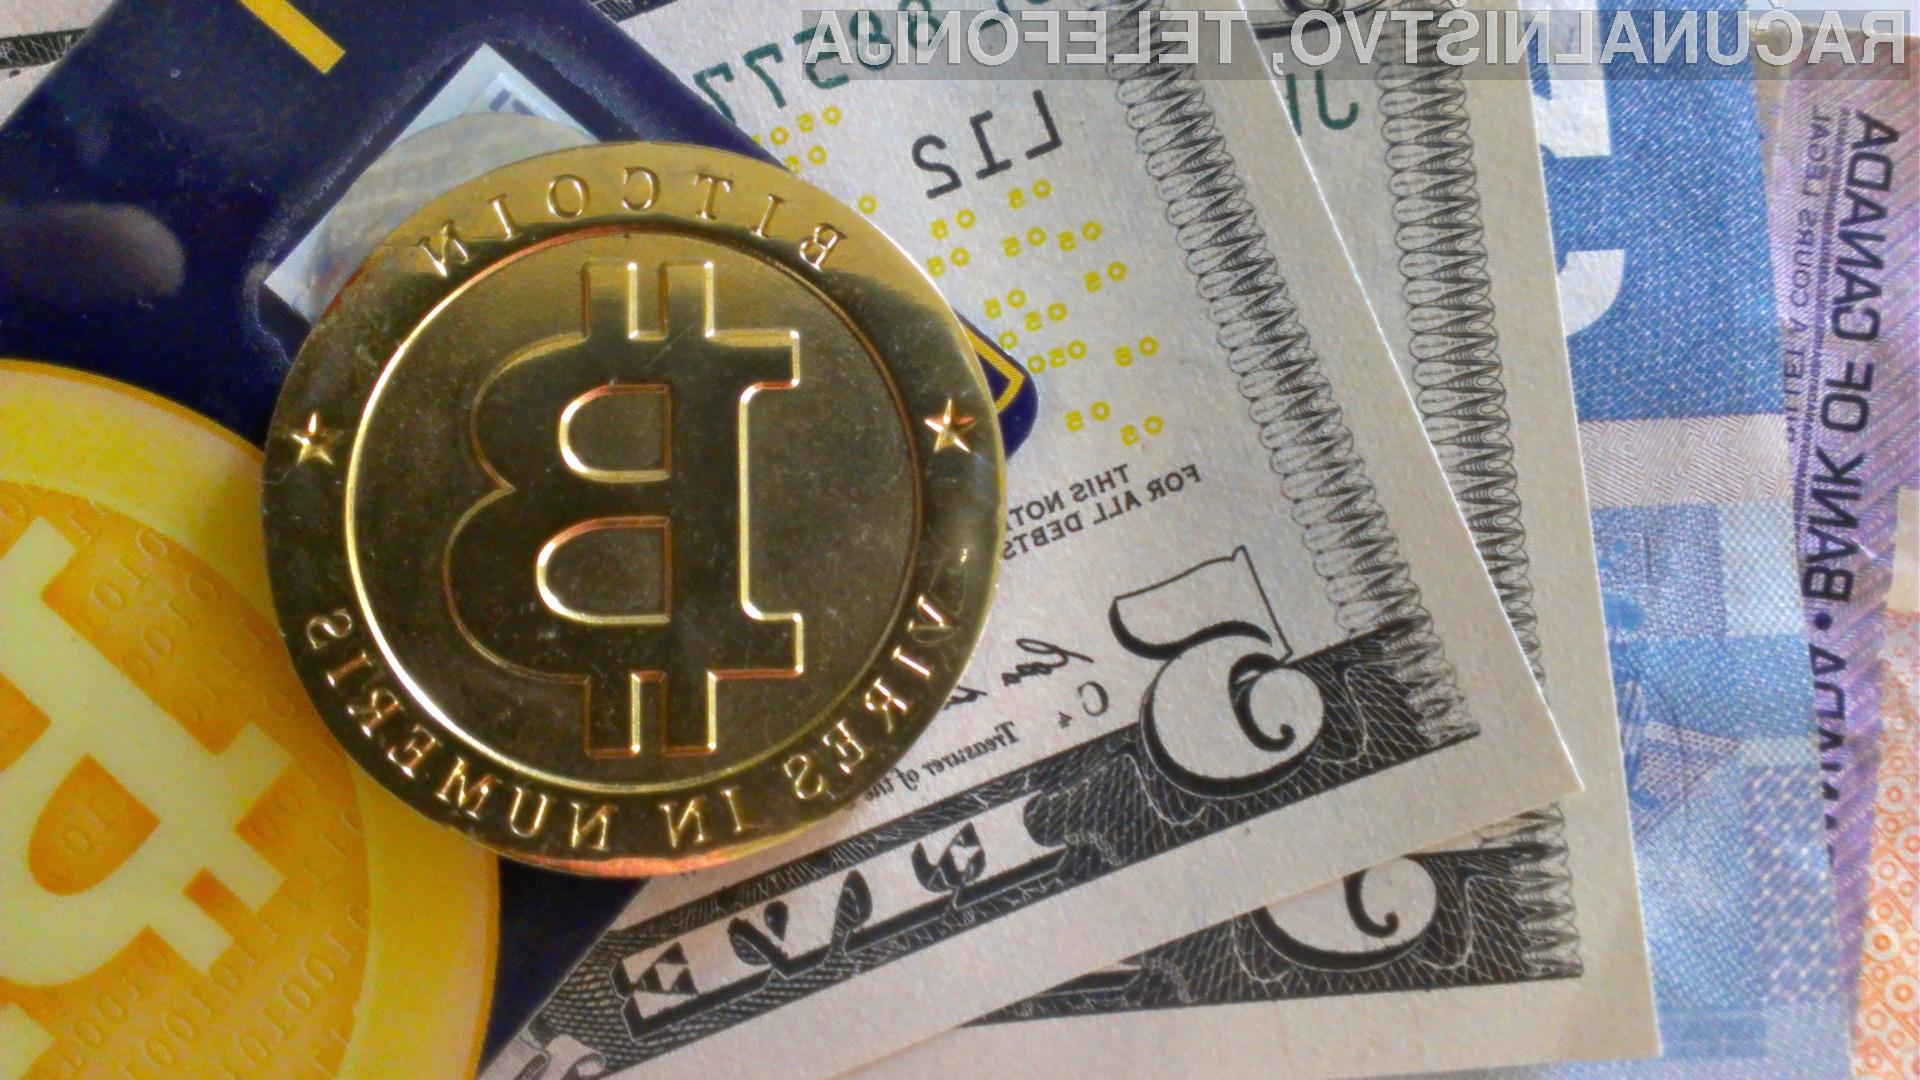 Pri plačevanju z digitalno valuto Bitcoin uporabniki ne morejo več pričakovati zasebnosti!